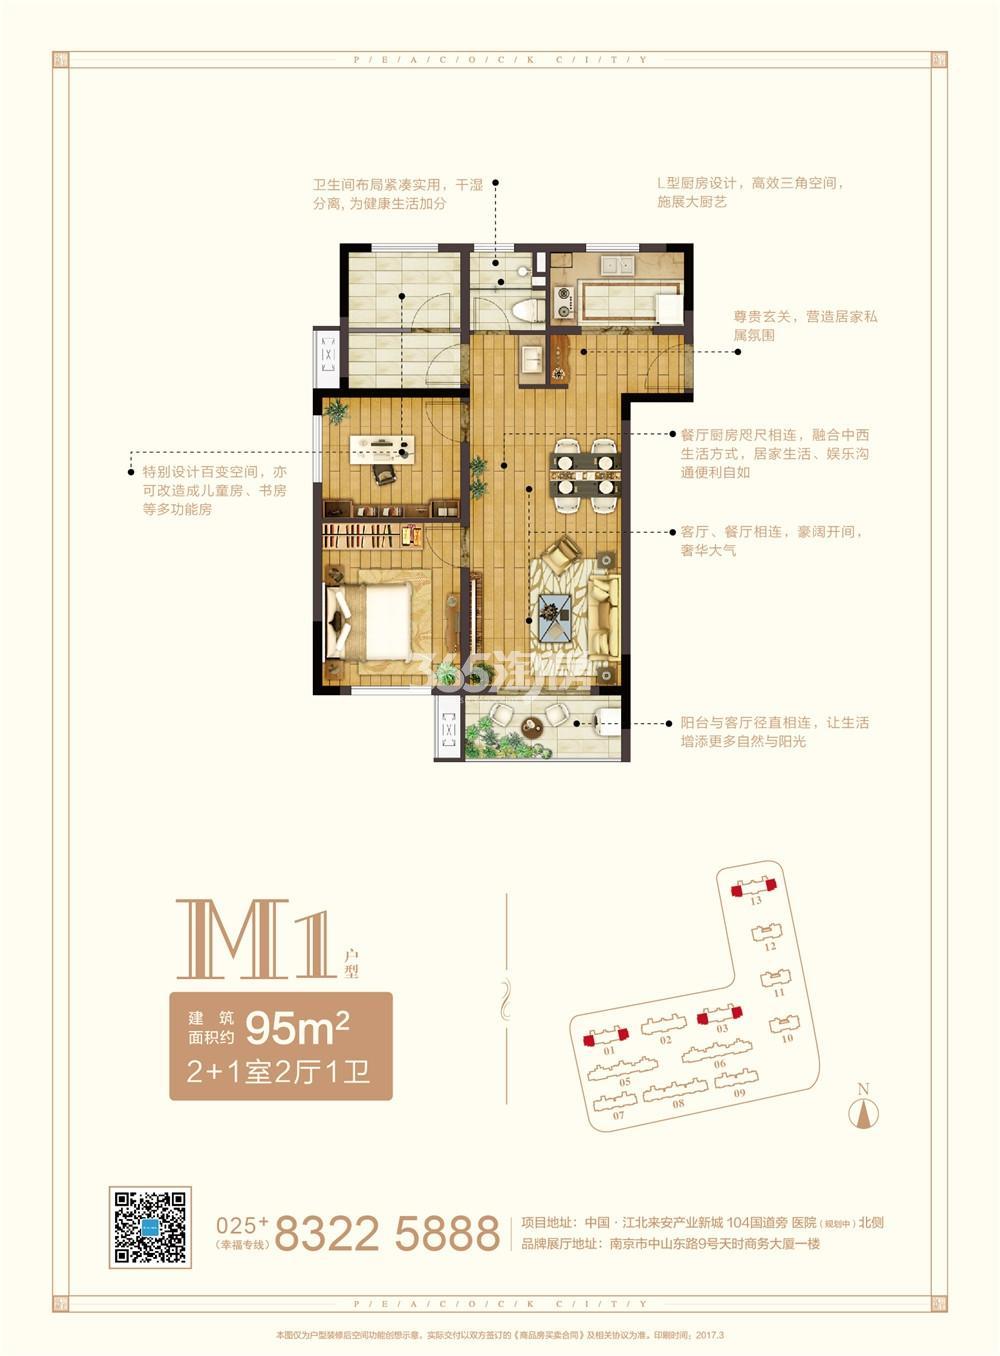 新江北孔雀城三期高层M1户型图